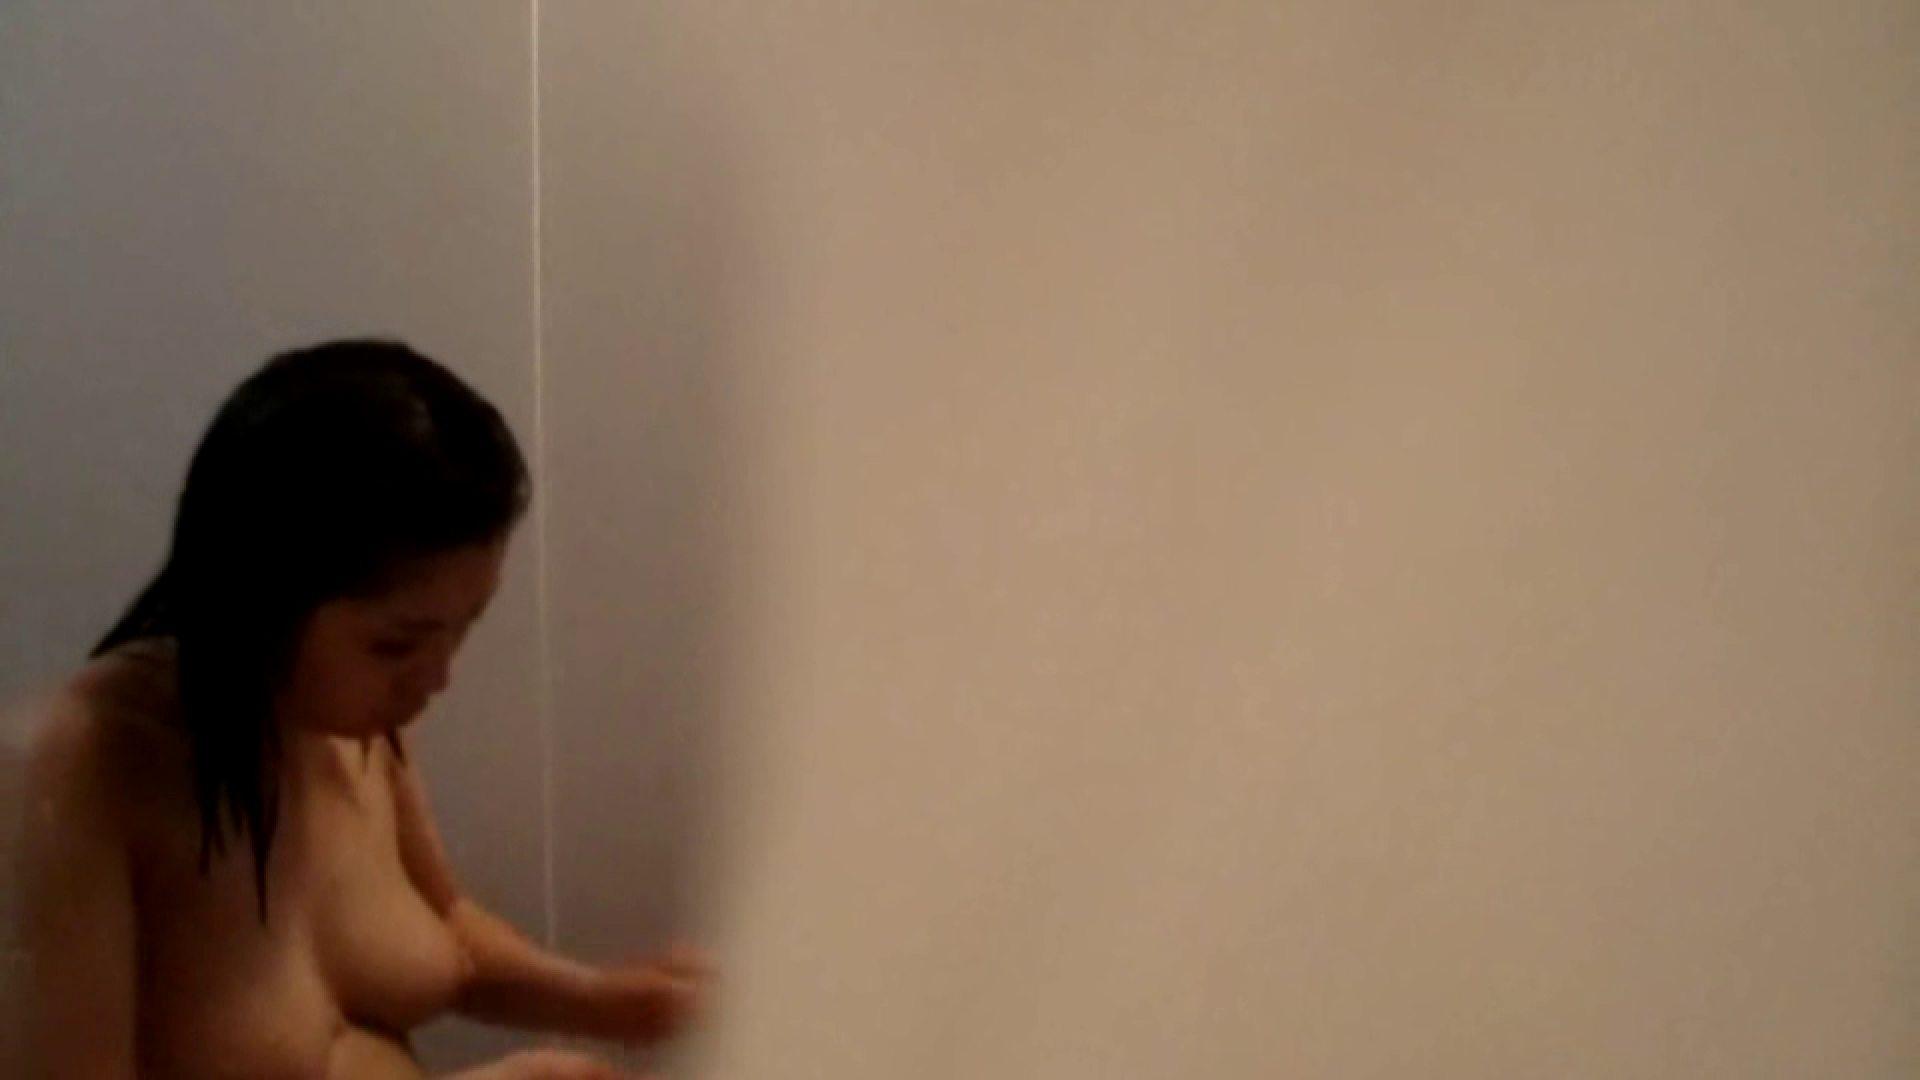 vol.2 葵のグラドル顔負けの爆乳を入浴シーンでどうぞ。 巨乳 | OLのボディ  64PIX 61